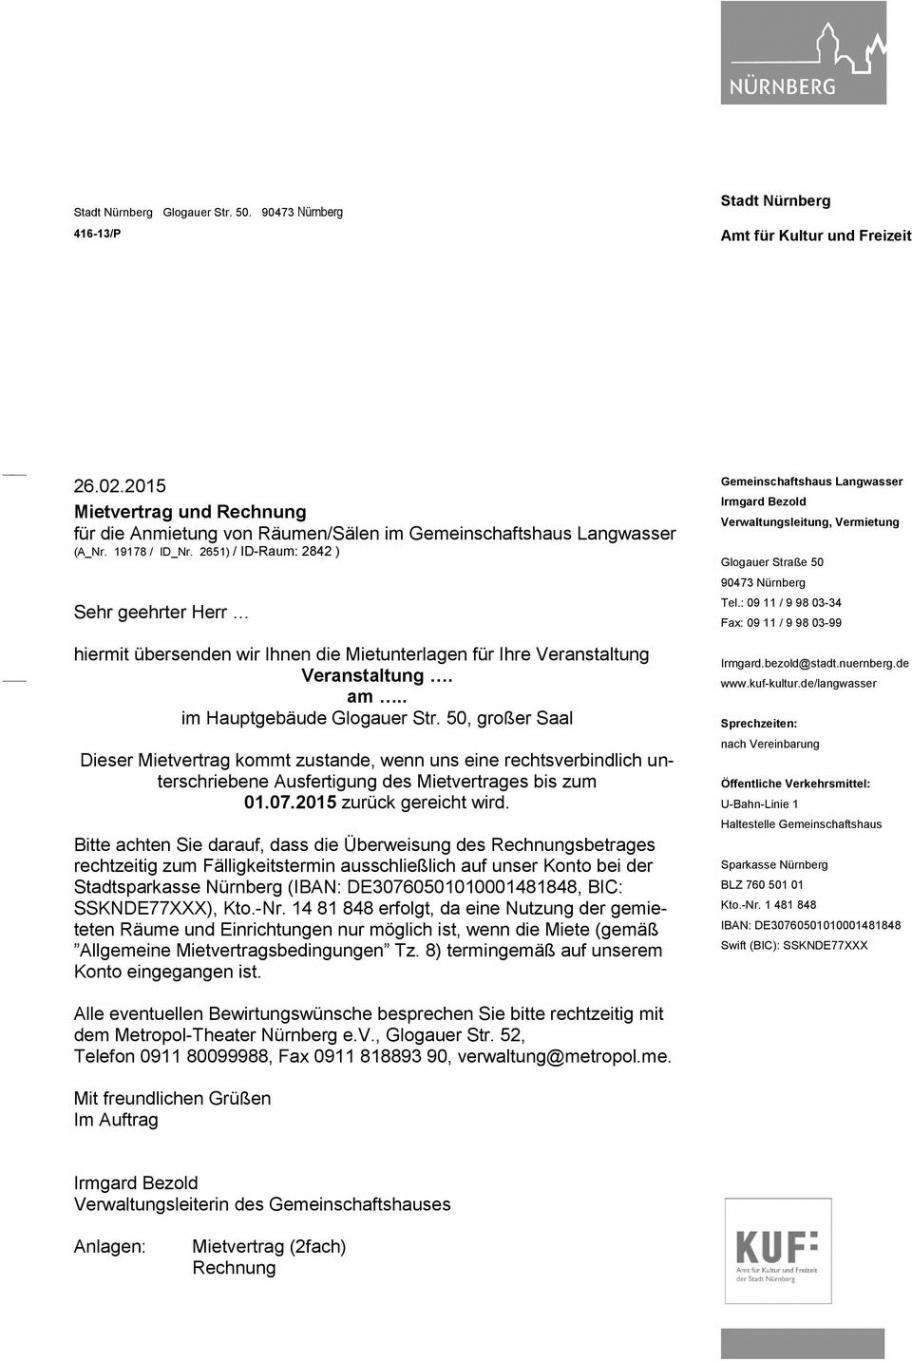 das beispiel von mietvertrag und rechnung für die anmietung von räumensälen rechnungsvorlage miete pdf